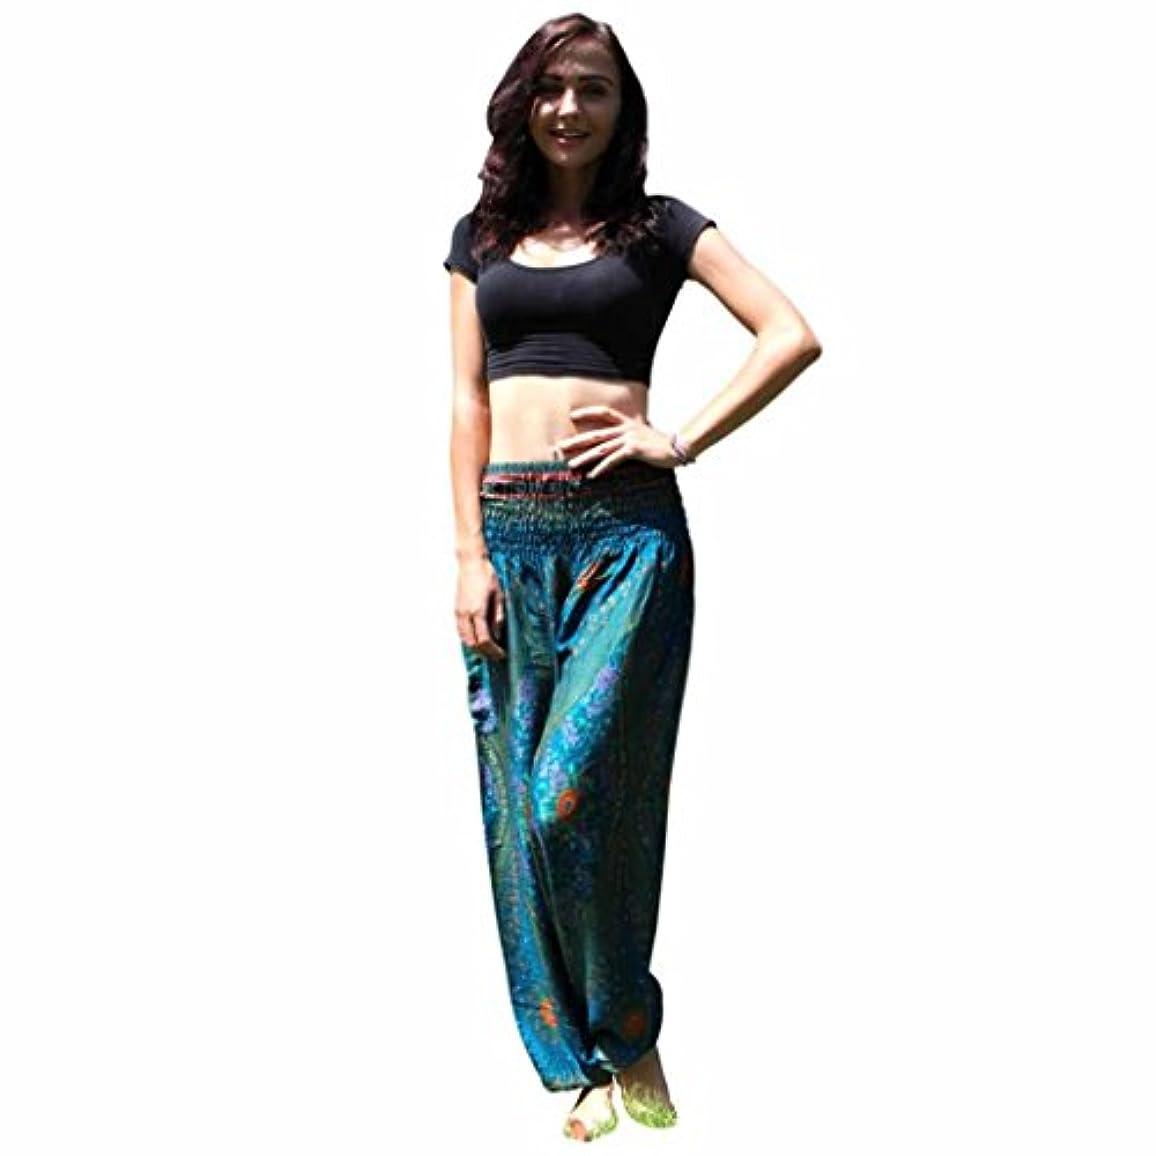 考慮センサー以内にMhomzawa パンツ男性女性タイのハレムのズボンフェスティバルヒッピーのスモックハイウエストのパンツのタイハーレムヨガ?パンツ